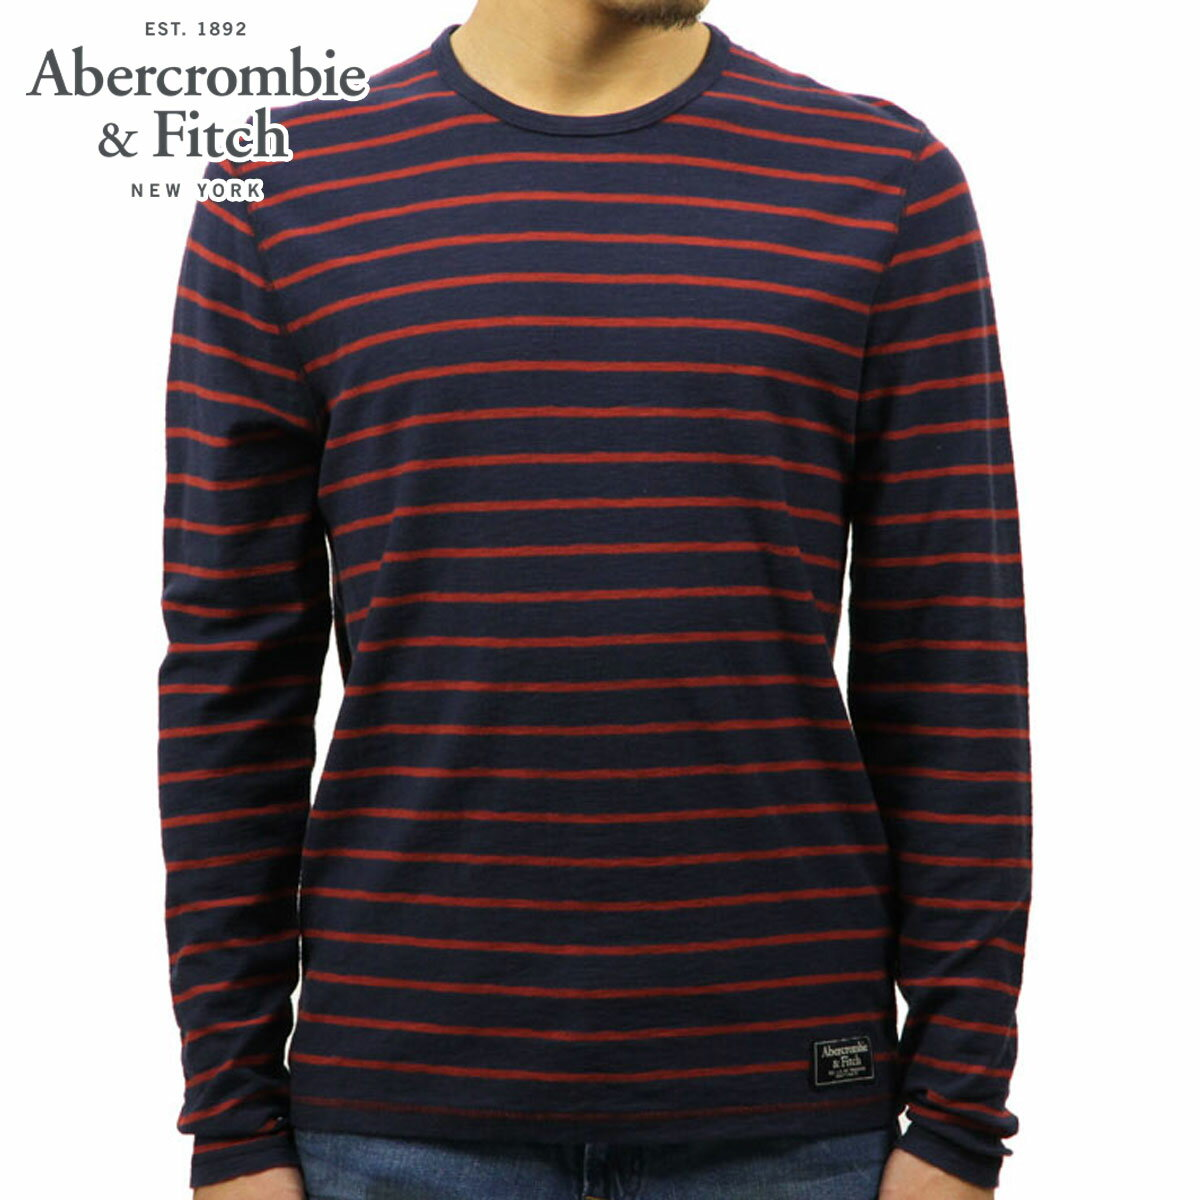 アバクロ Abercrombie&Fitch 正規品 メンズ 長袖Tシャツ LONG-SLEEVE STRIPED CREW TEE 124-236-1677-204 D00S20